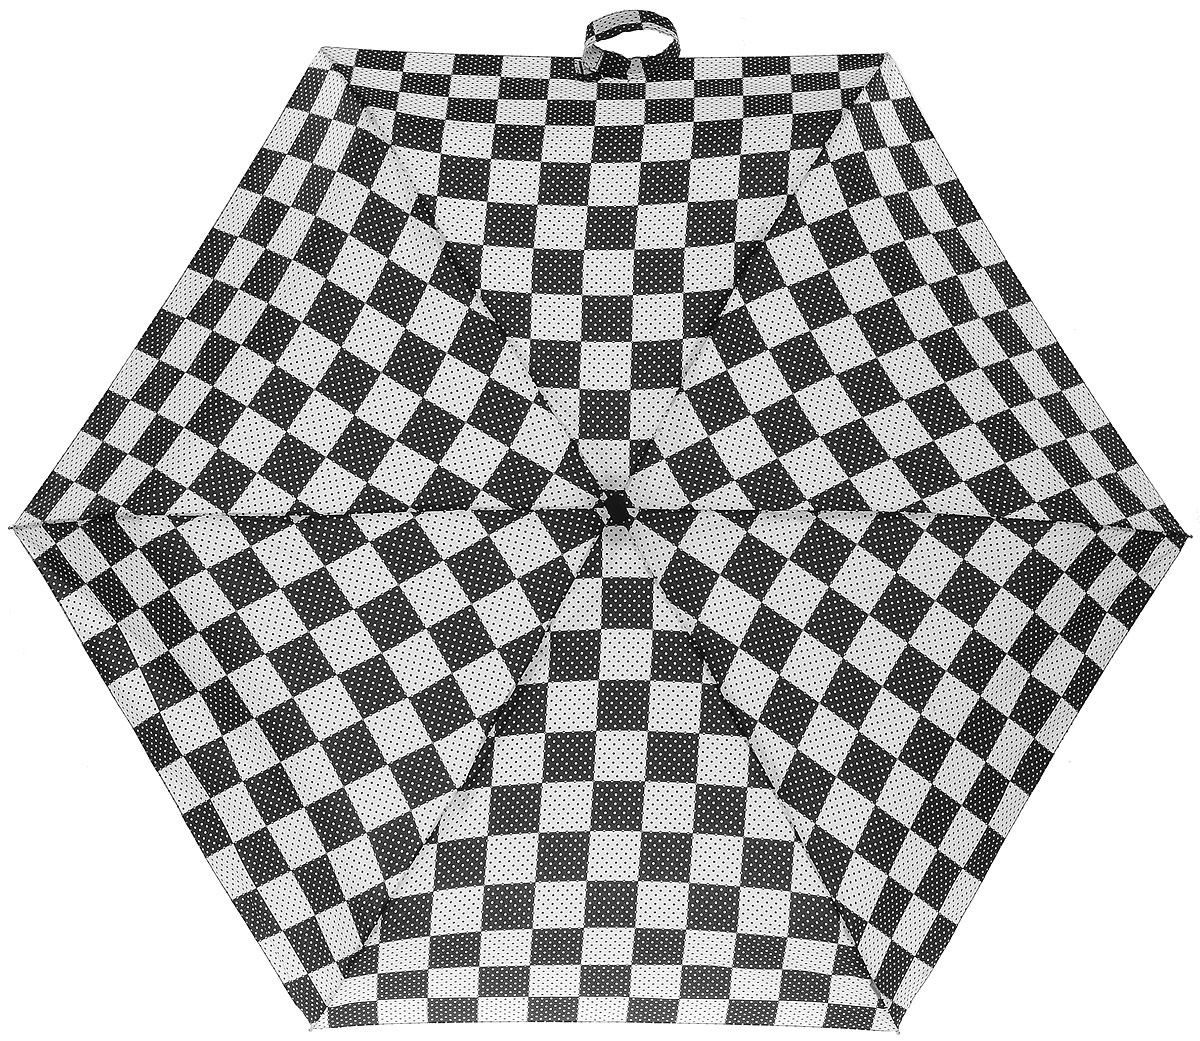 Зонт женский Zest, механический, 5 сложений, цвет: черный, белый. 25518-103Серьги с подвескамиКомпактный женский зонт Zest выполнен из металла, пластика и оформлен ярким принтом.Каркас зонта выполнен из шести спиц на прочном стержне. На концах спиц предусмотрены металлические элементы, которые защитят владельца от травм. Купол зонта изготовлен прочного полиэстера. Закрытый купол застегивается на липучку хлястиком. Практичная рукоятка закругленной формы разработана с учетом требований эргономики и выполнена из пластика.Зонт складывается и раскладывается механическим способом.Такой зонт не только надежно защитит от дождя, но и станет стильным аксессуаром.